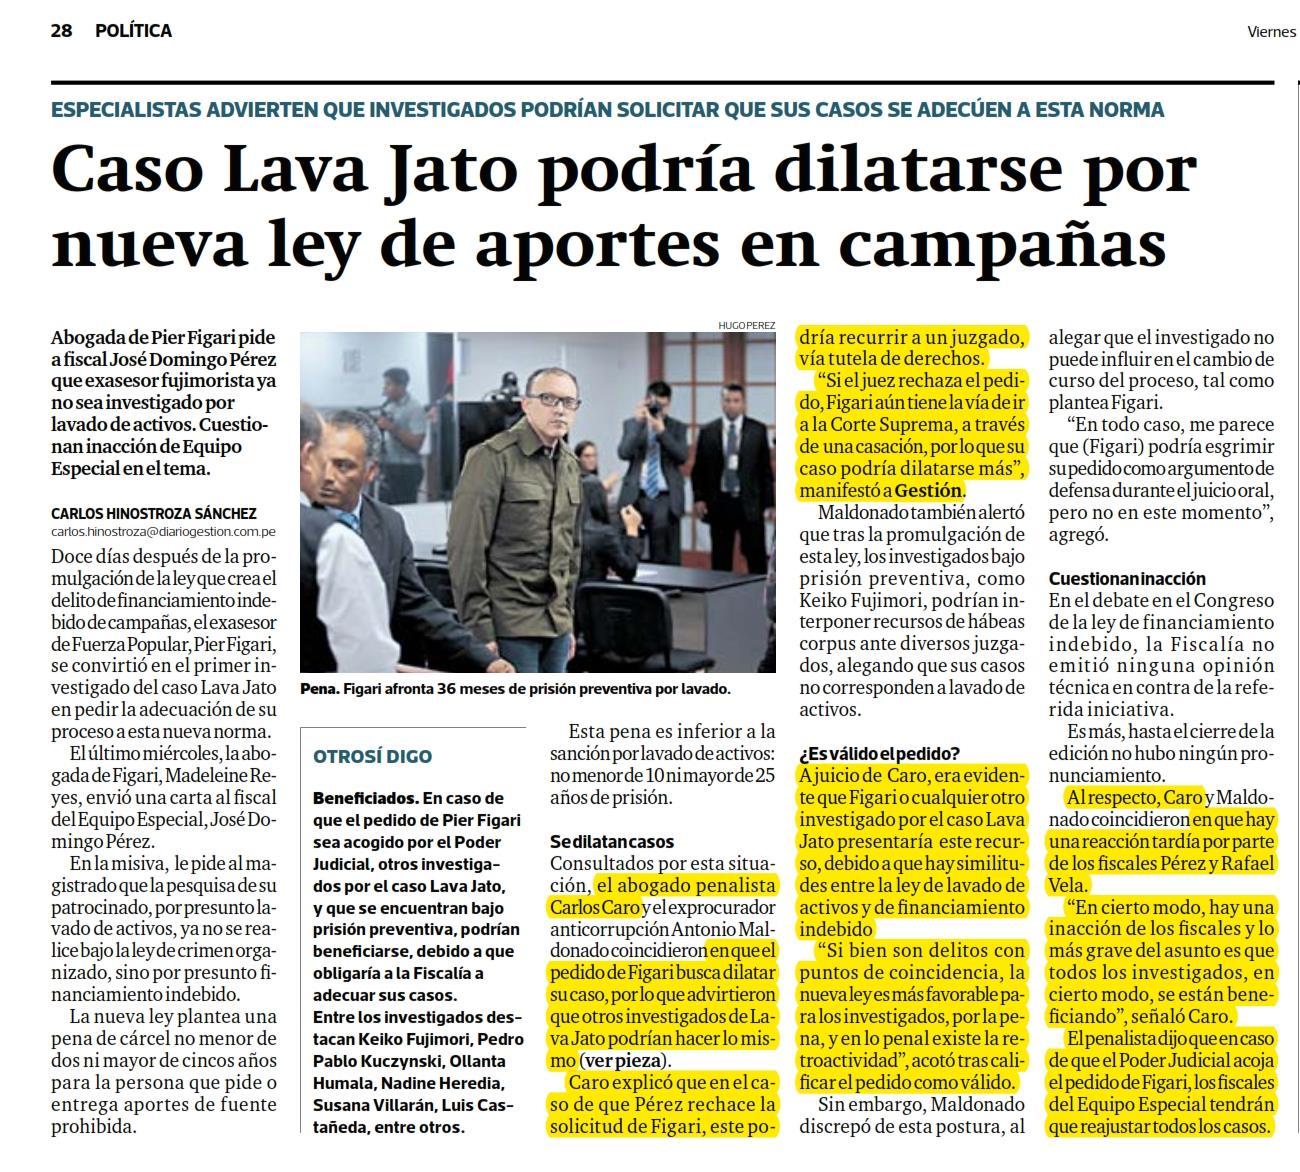 La Posibilidad Que Los Casos De Investigación Por Aportes De Campañas Electorales, Lava Jato, Puedan Dilatarse, Al Solicitar La Adecuación A La Reciente Ley 30997